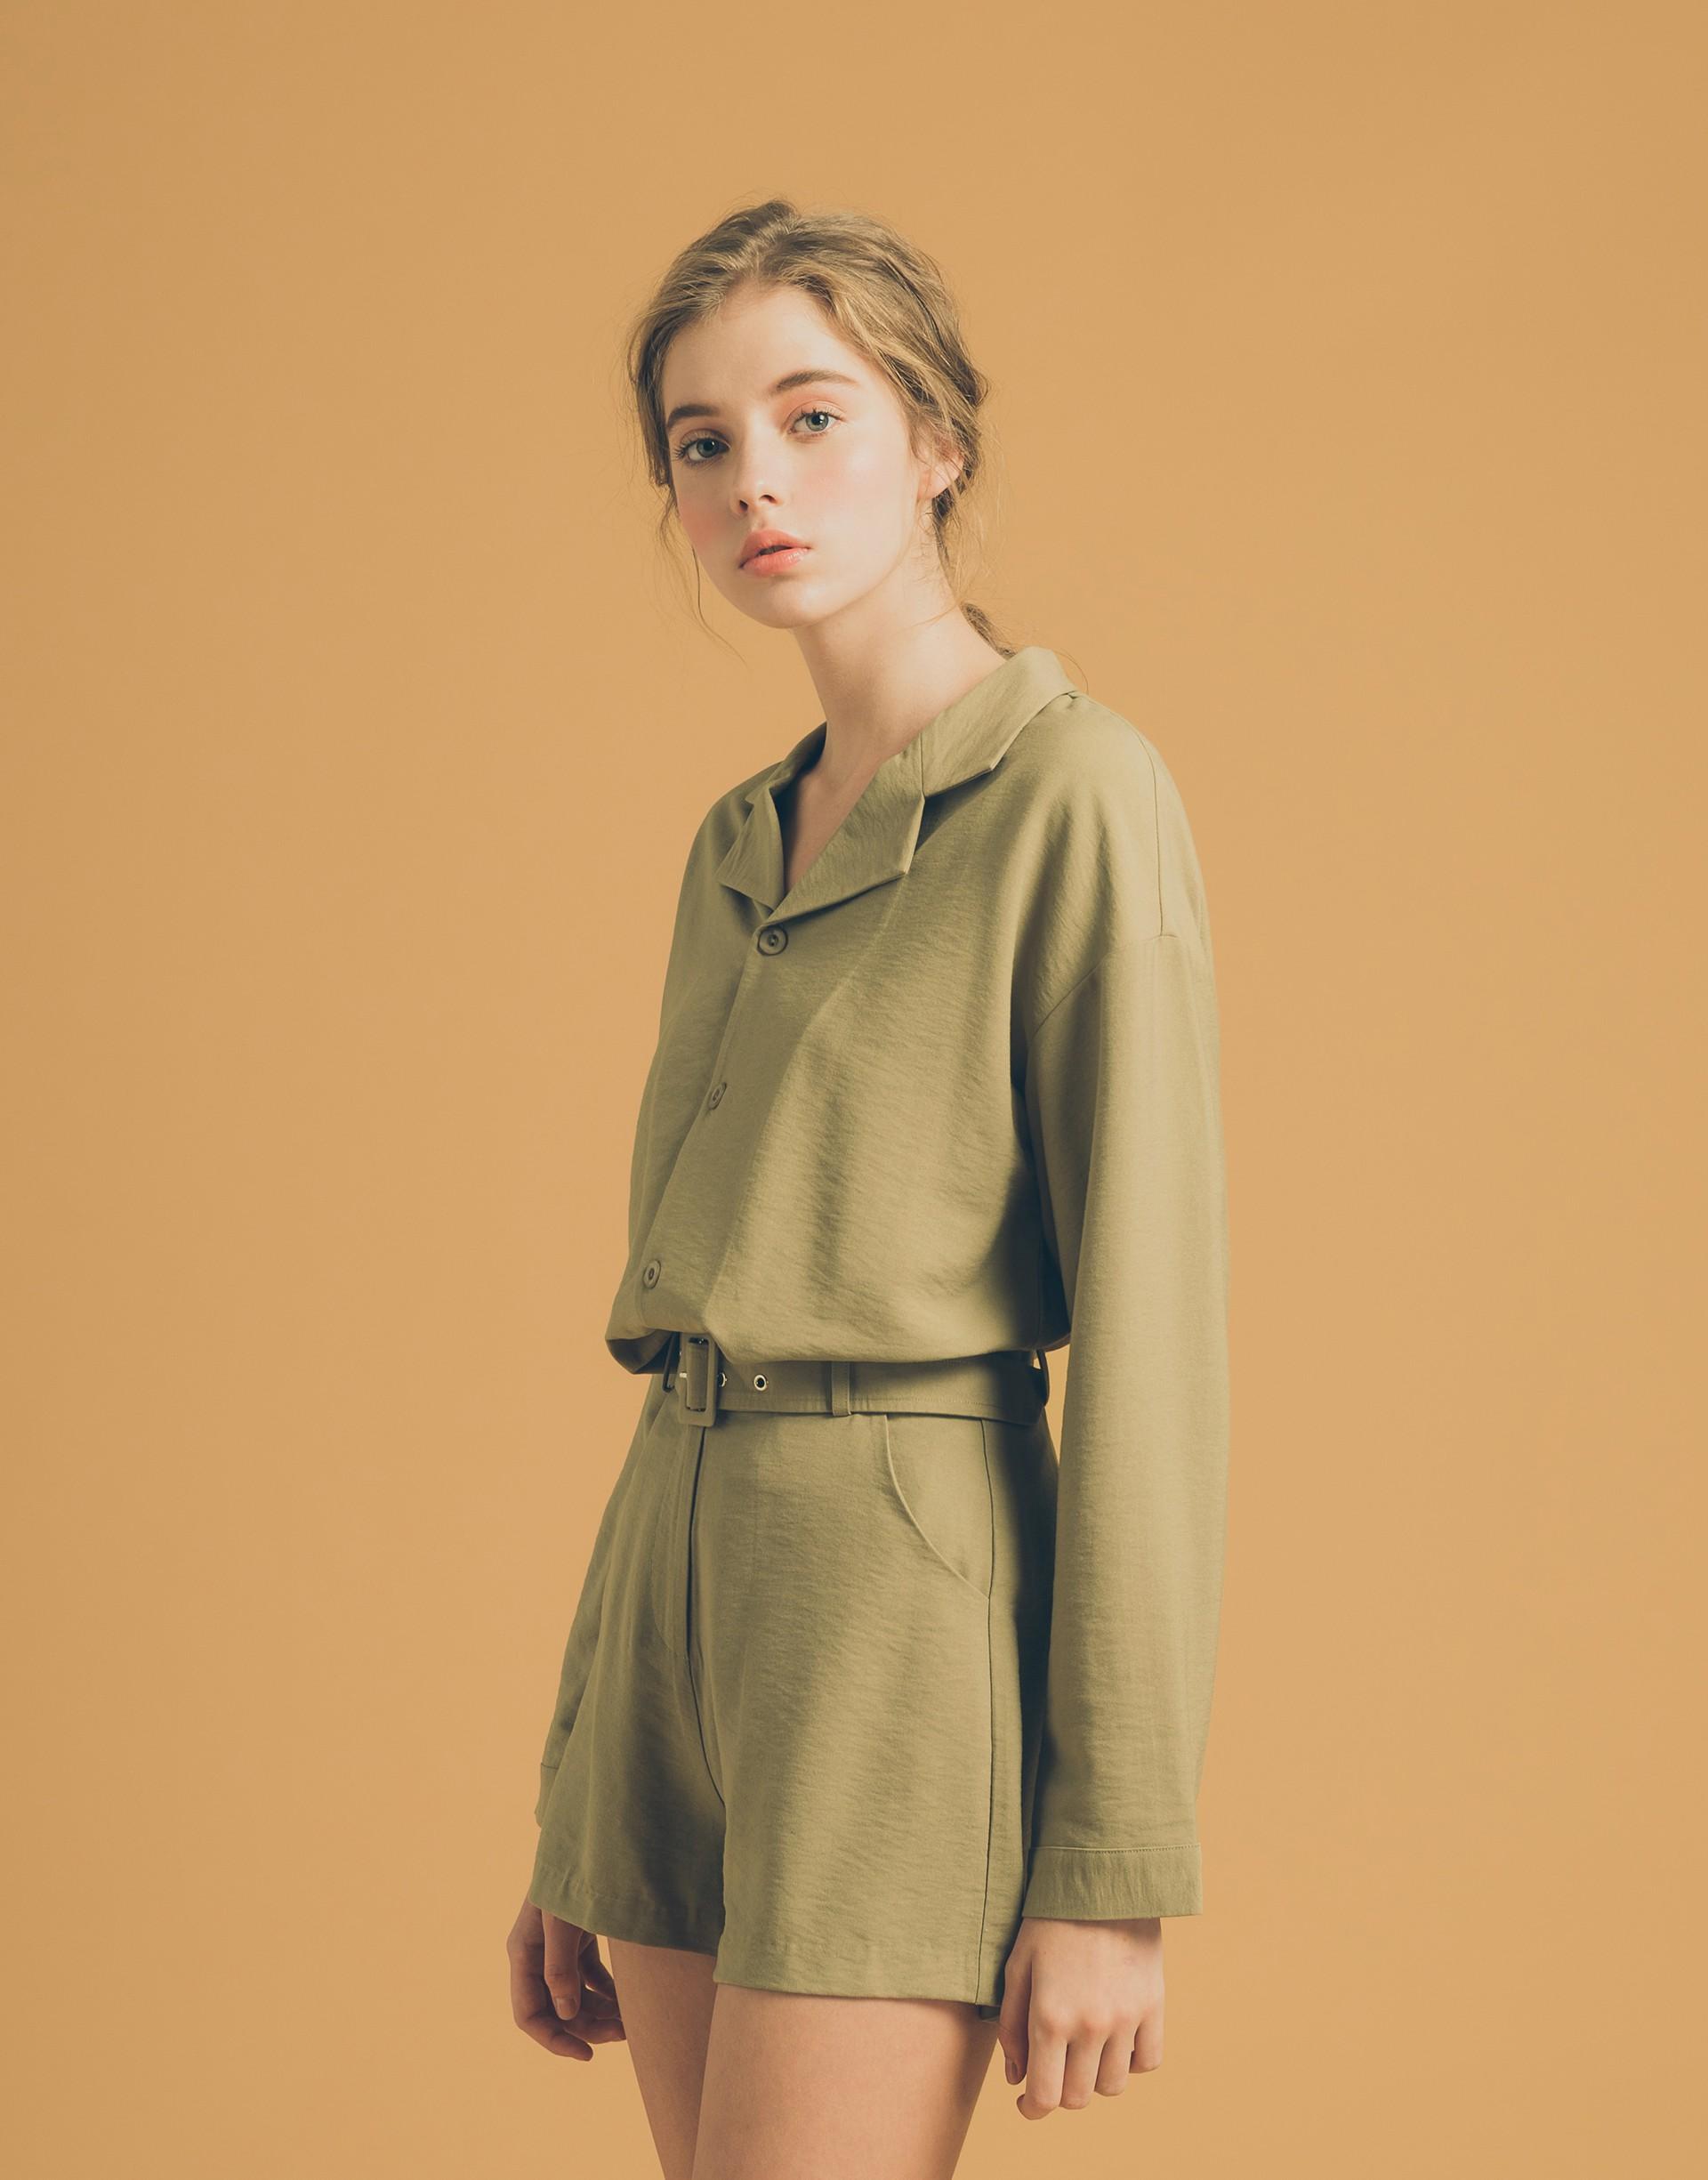 兩件式套裝/質感方形釦/V形領型可修飾臉部/短褲有附一條本腰帶/兩側有口袋